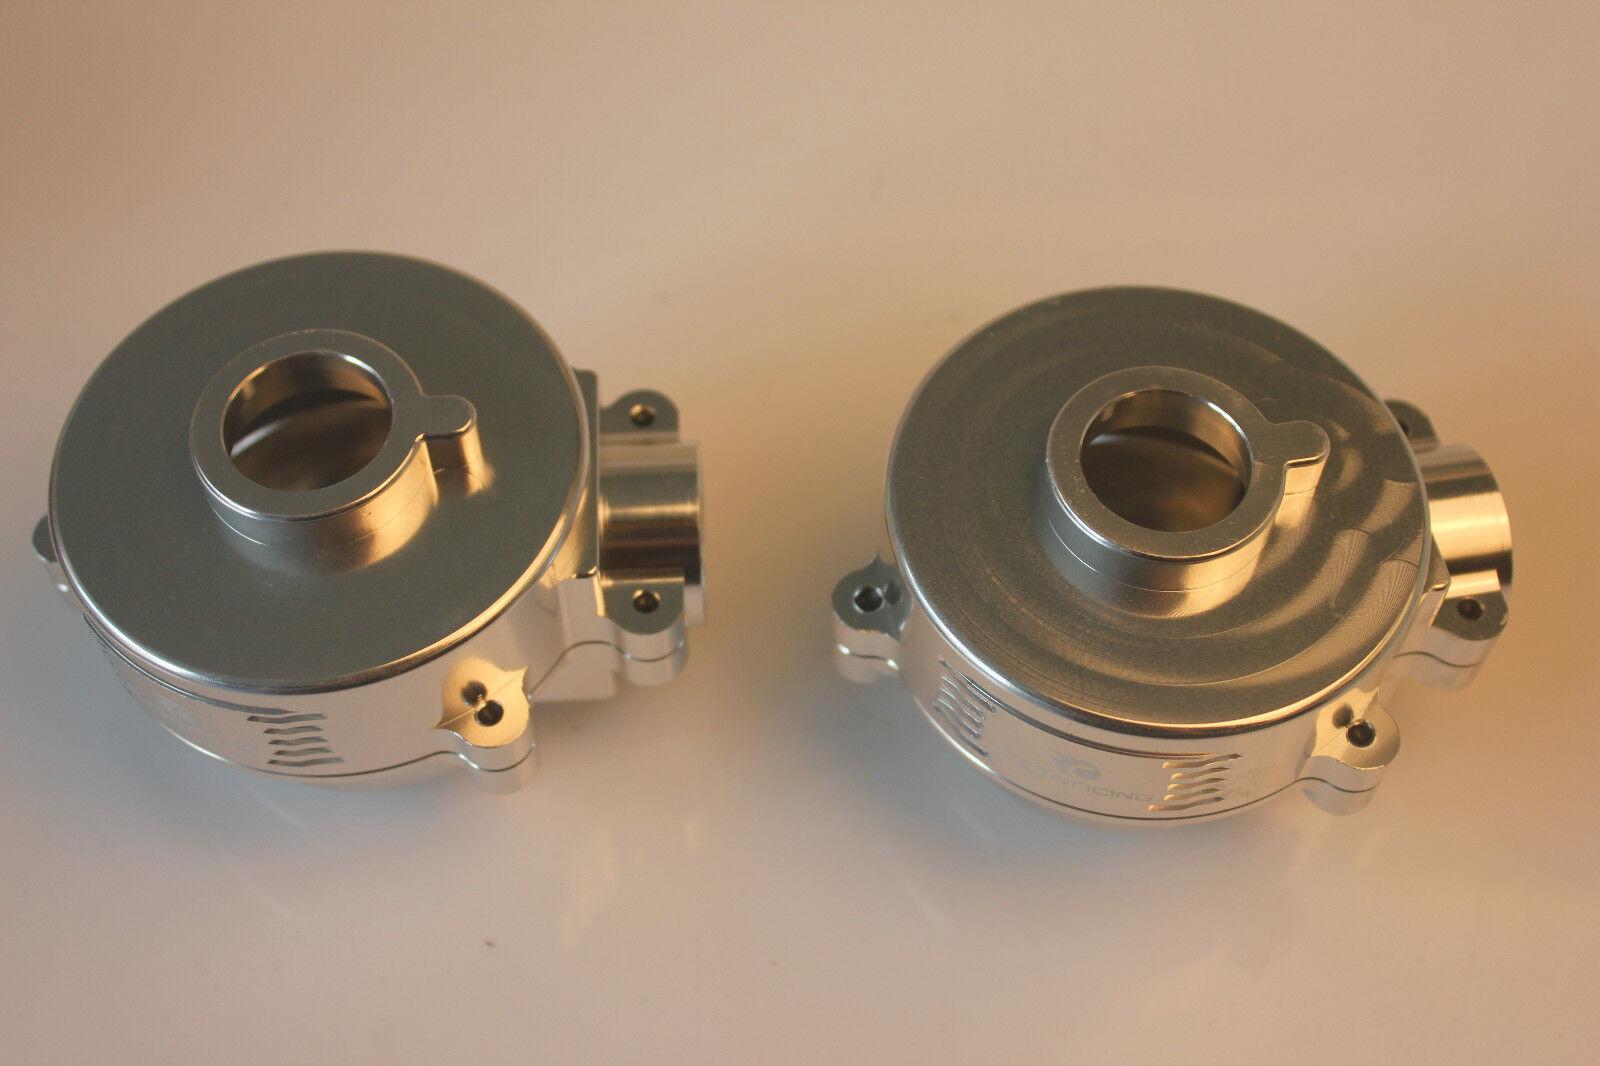 FID CNC tuttioy diff gear scatola geascatola for for for Losi DBXL DBXL-e MTXL 8f59f5